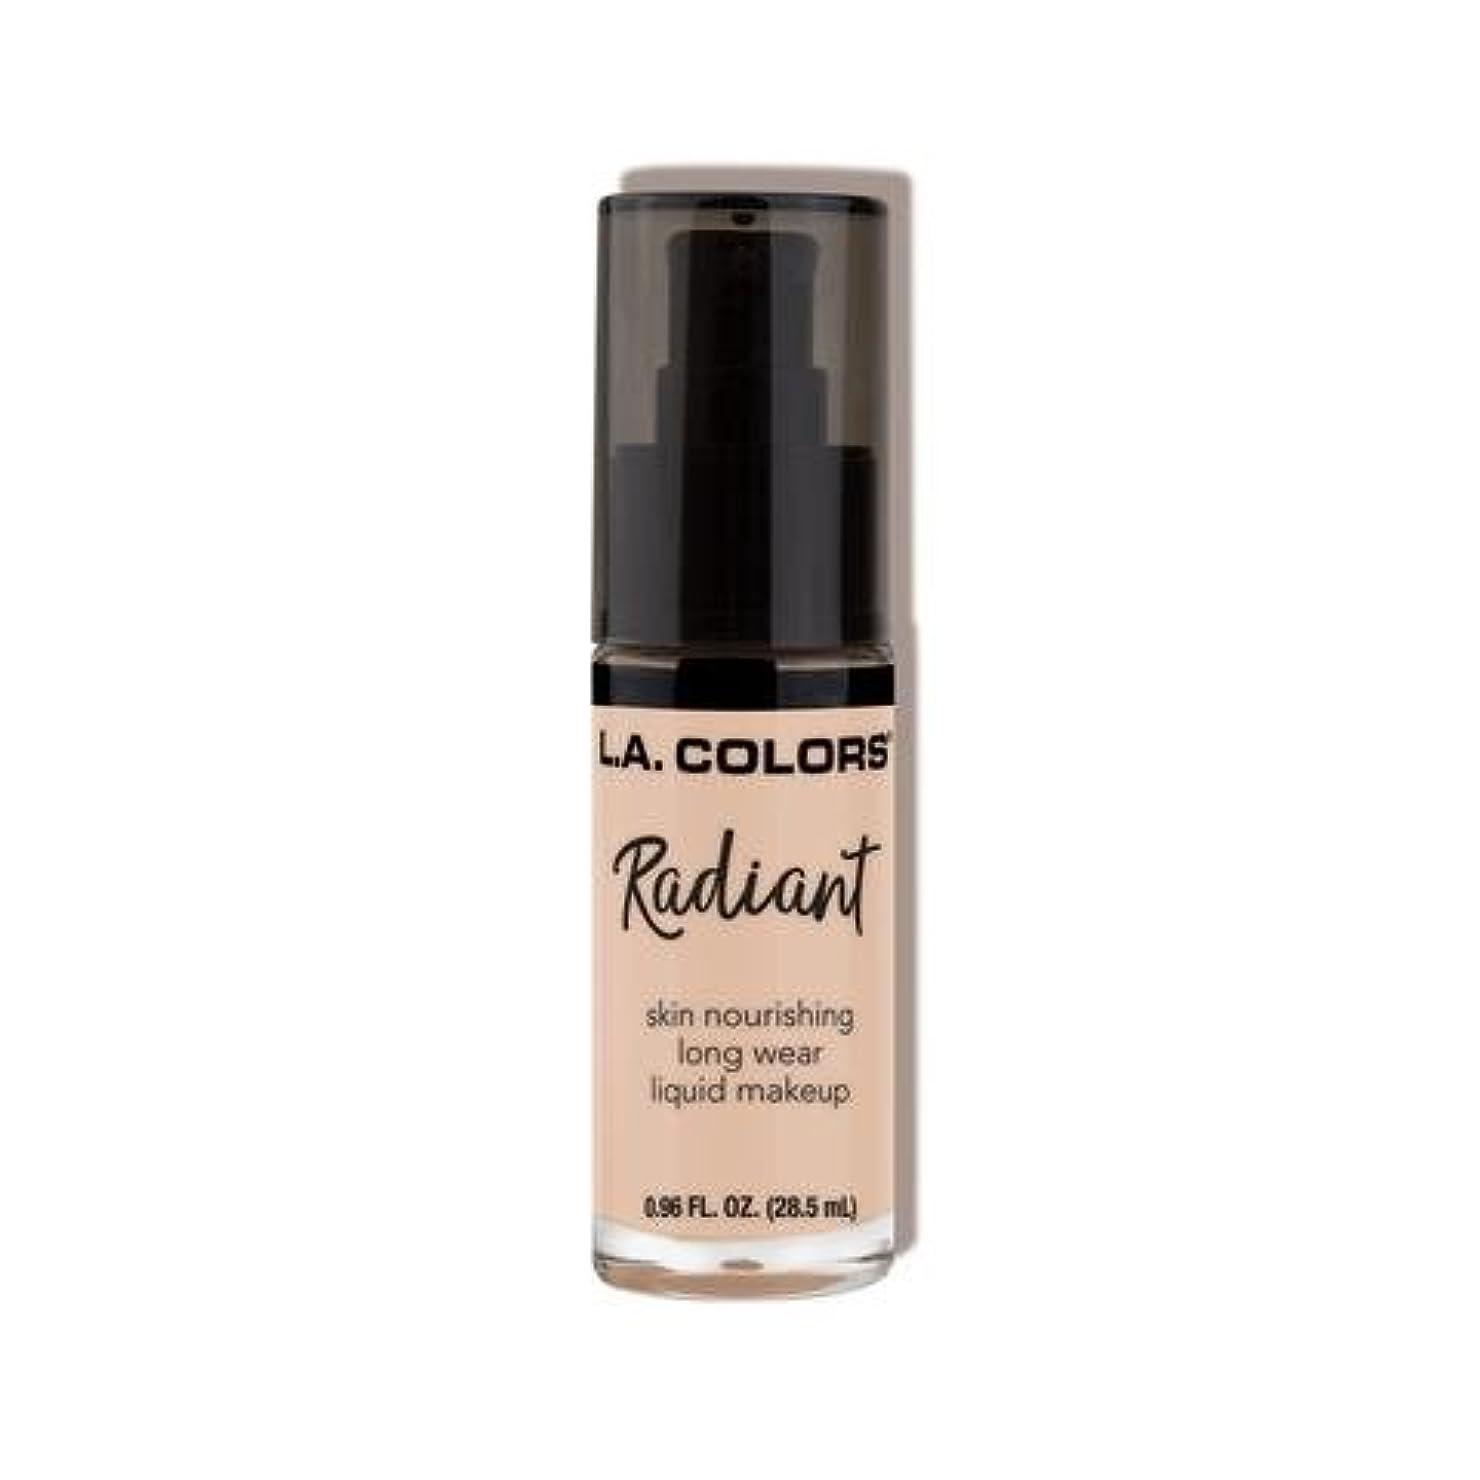 ワット維持するシャックル(3 Pack) L.A. COLORS Radiant Liquid Makeup - Ivory (並行輸入品)